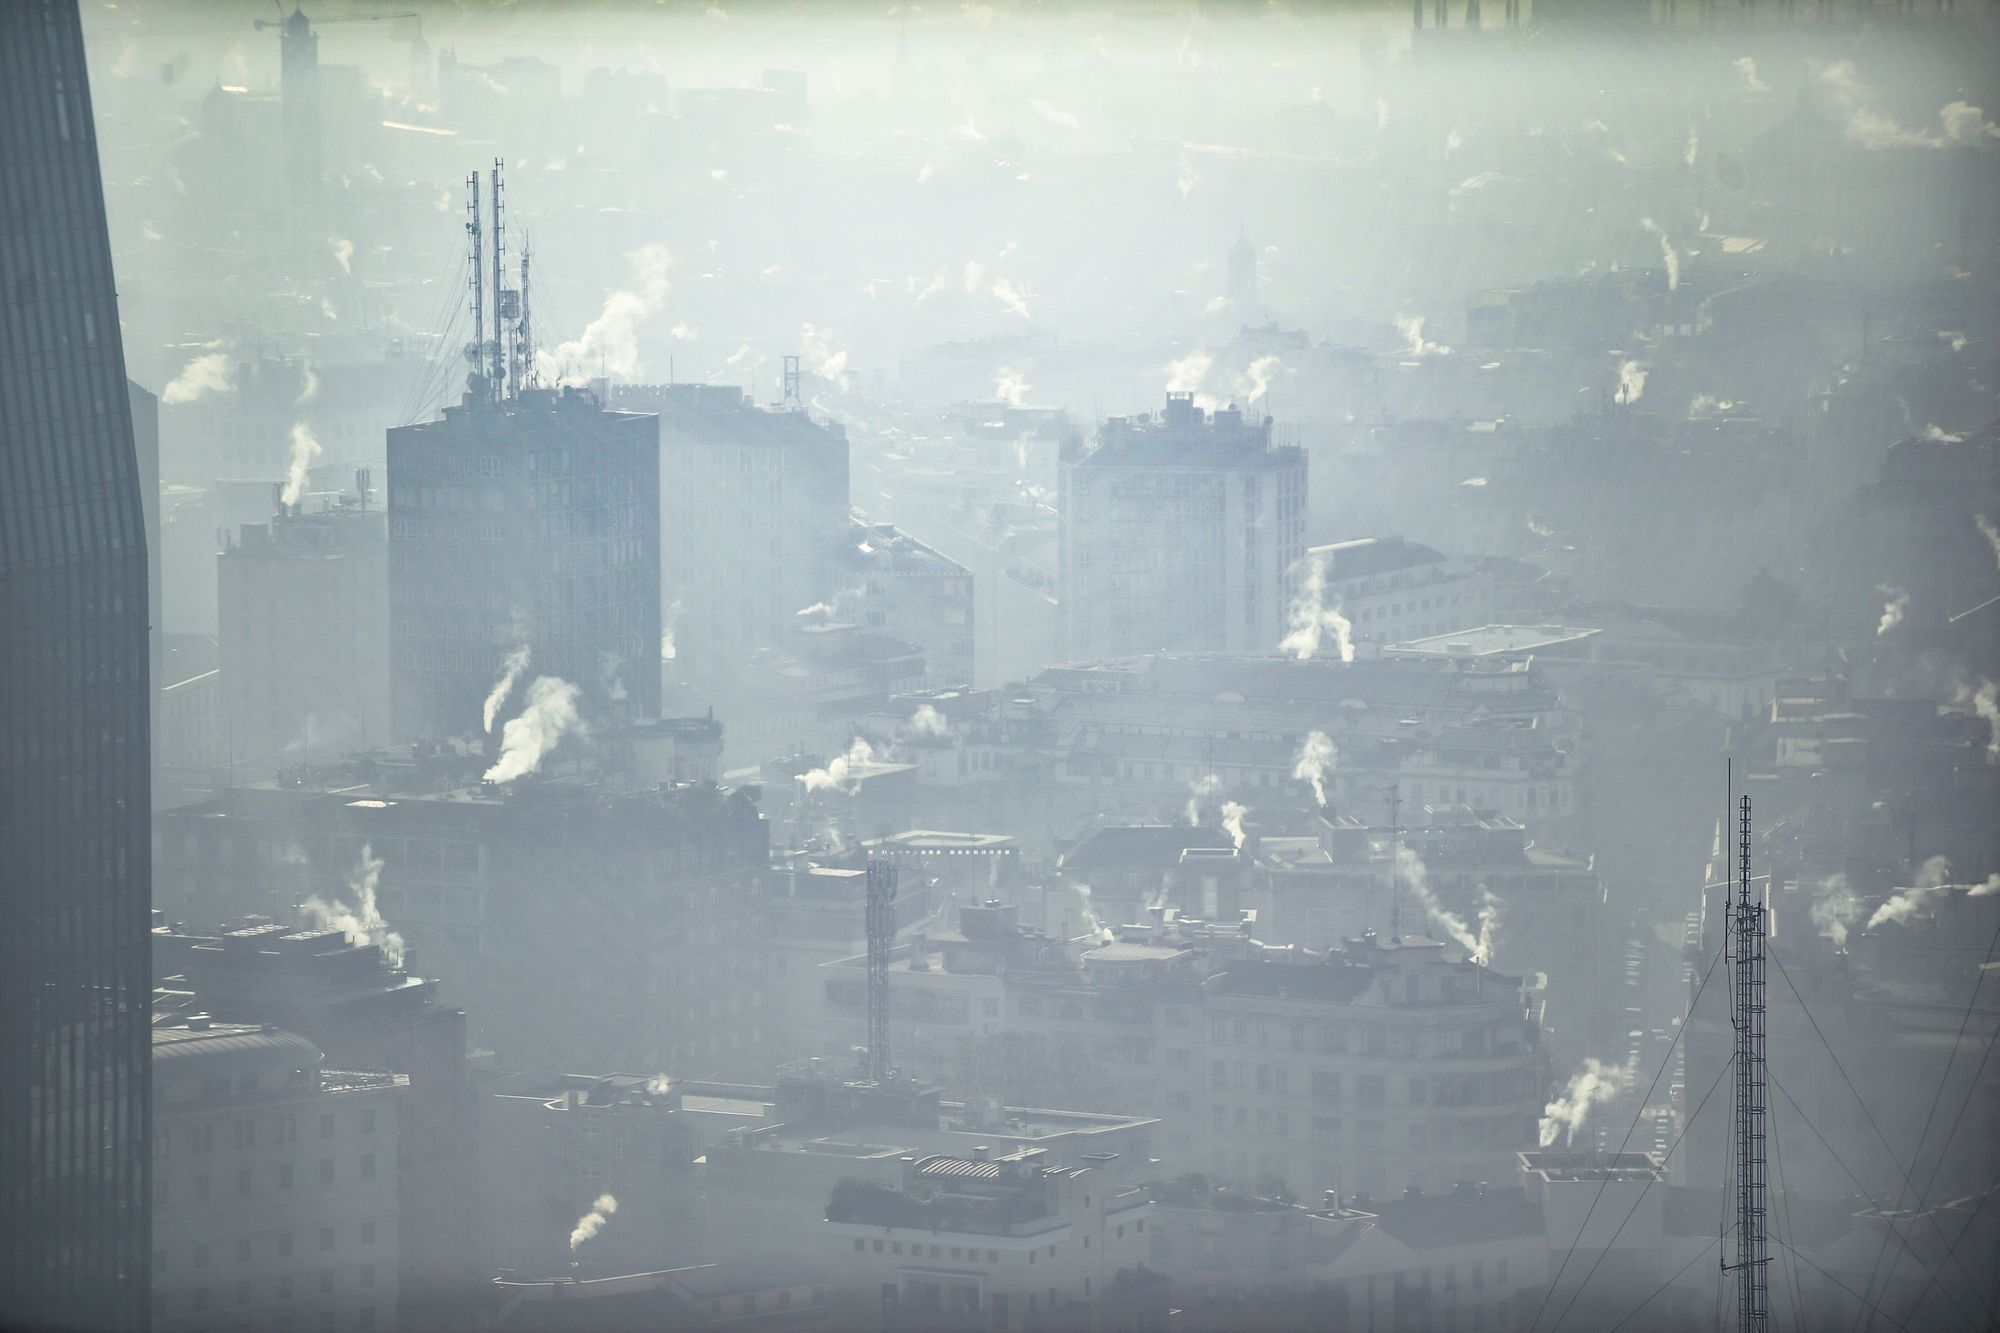 C'è correlazione tra inquinamento e morti per Covid-19?